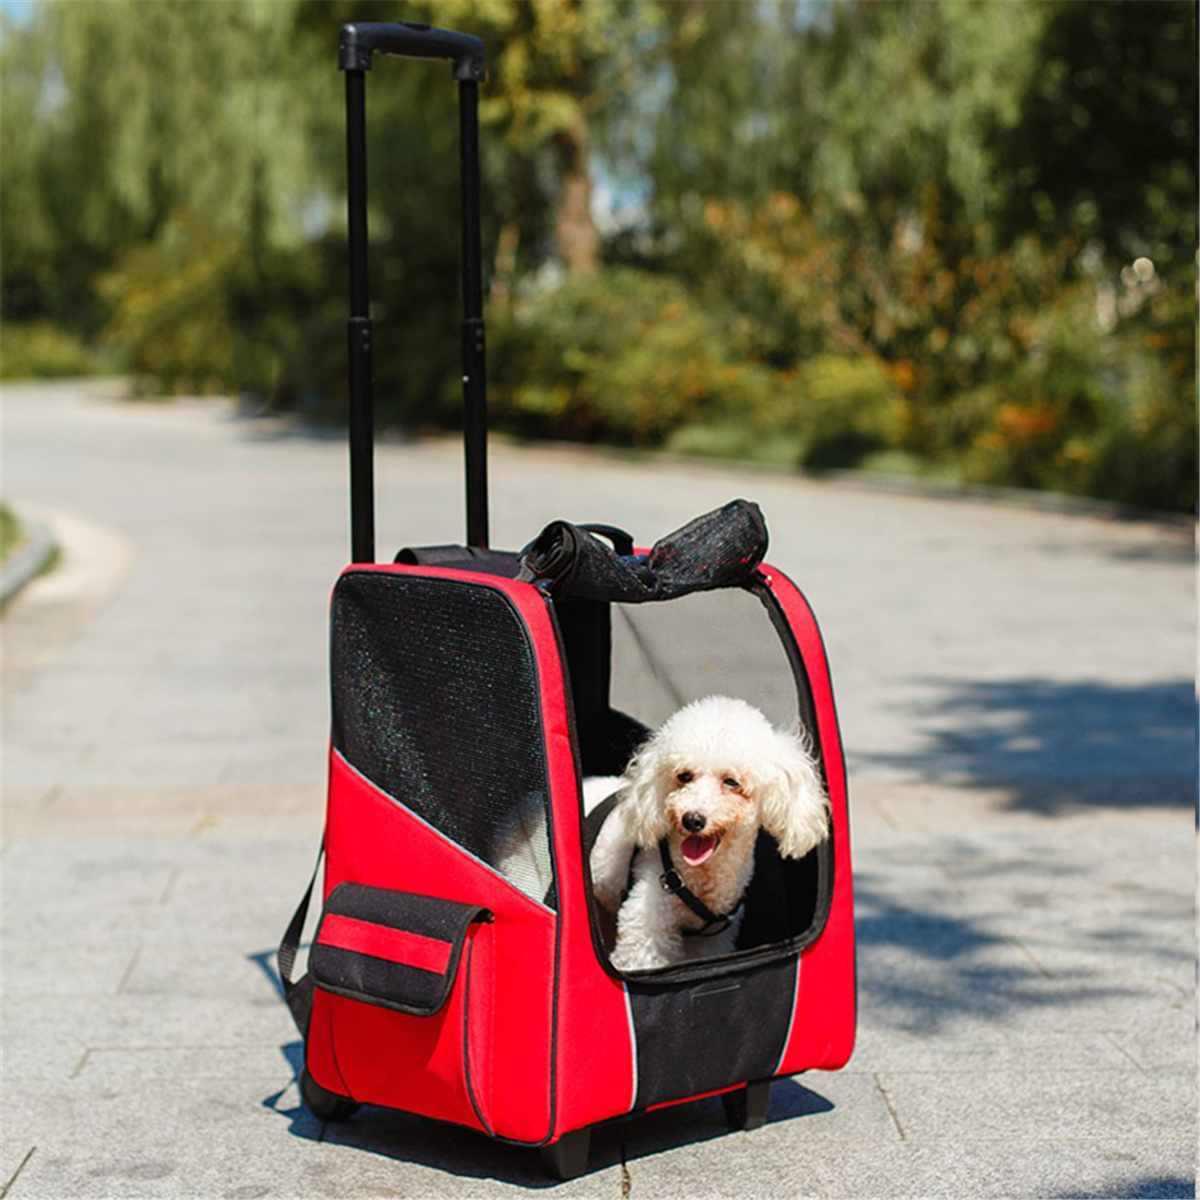 สุนัขรถเข็นเด็ก Carrier เดินทางสุนัขสัตว์เลี้ยงกระเป๋าเป้สะพายหลังเดินกระเป๋าเดินทางกระเป๋าเดินทางสี่ล้อ Breathable Carry Cart Draw-Bar กล่อง